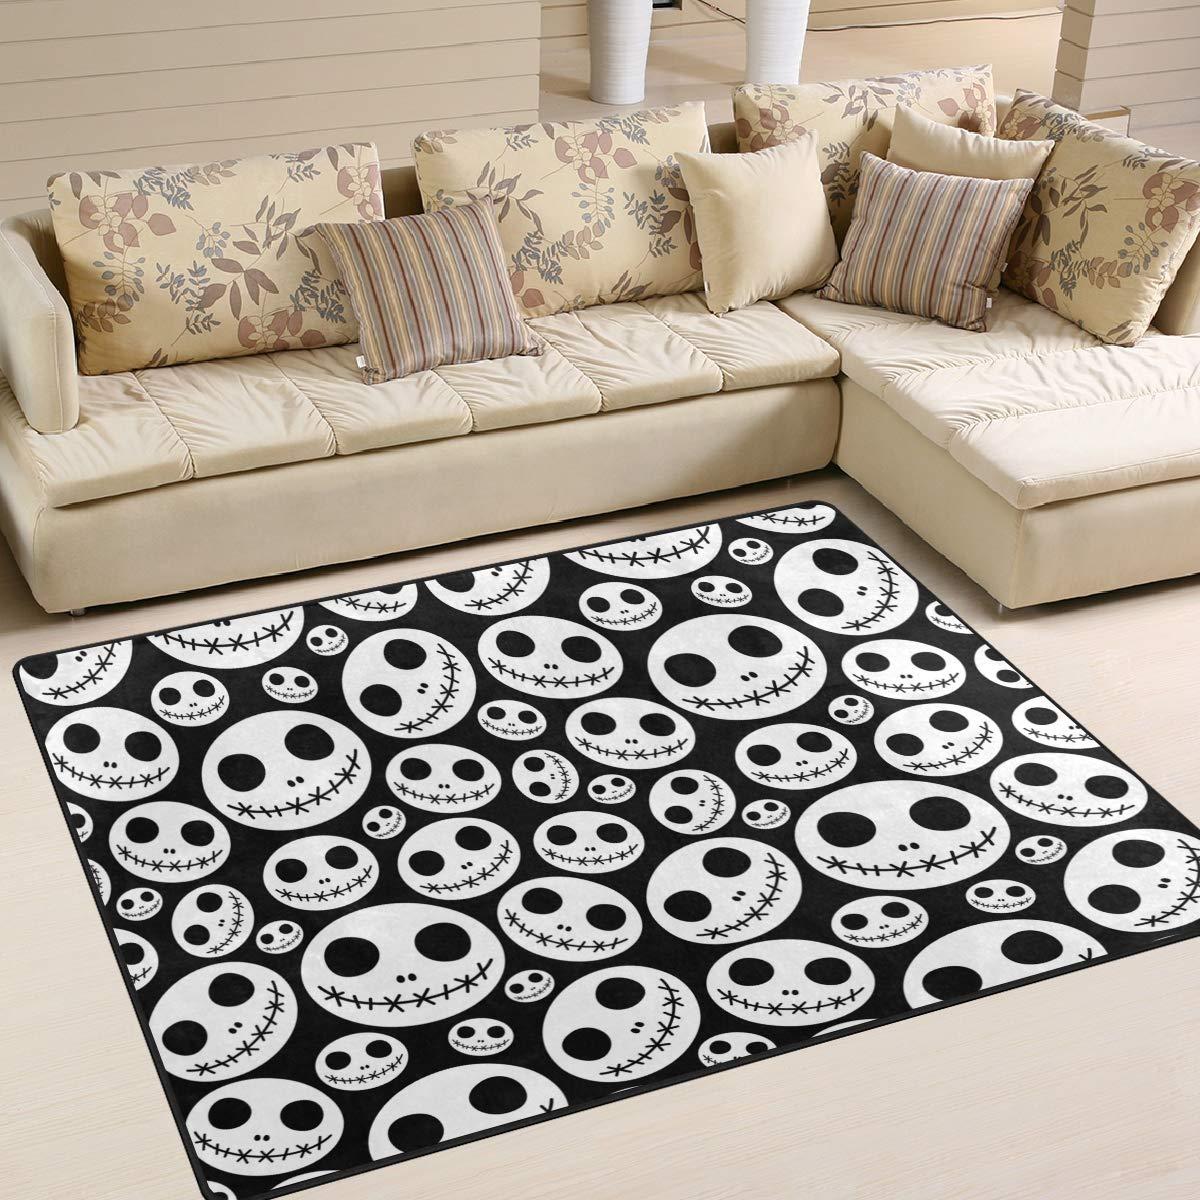 Jereee Halloween Horror-Puppen-Teppich, 152 x 122 cm, Fußmatte, für den Innenbereich, Polyester, Rutschfest, mehreckig, für Küche, Schlafzimmer, Wohnzimmer und Esszimmer, Polyester, Multi, 7' x 5'